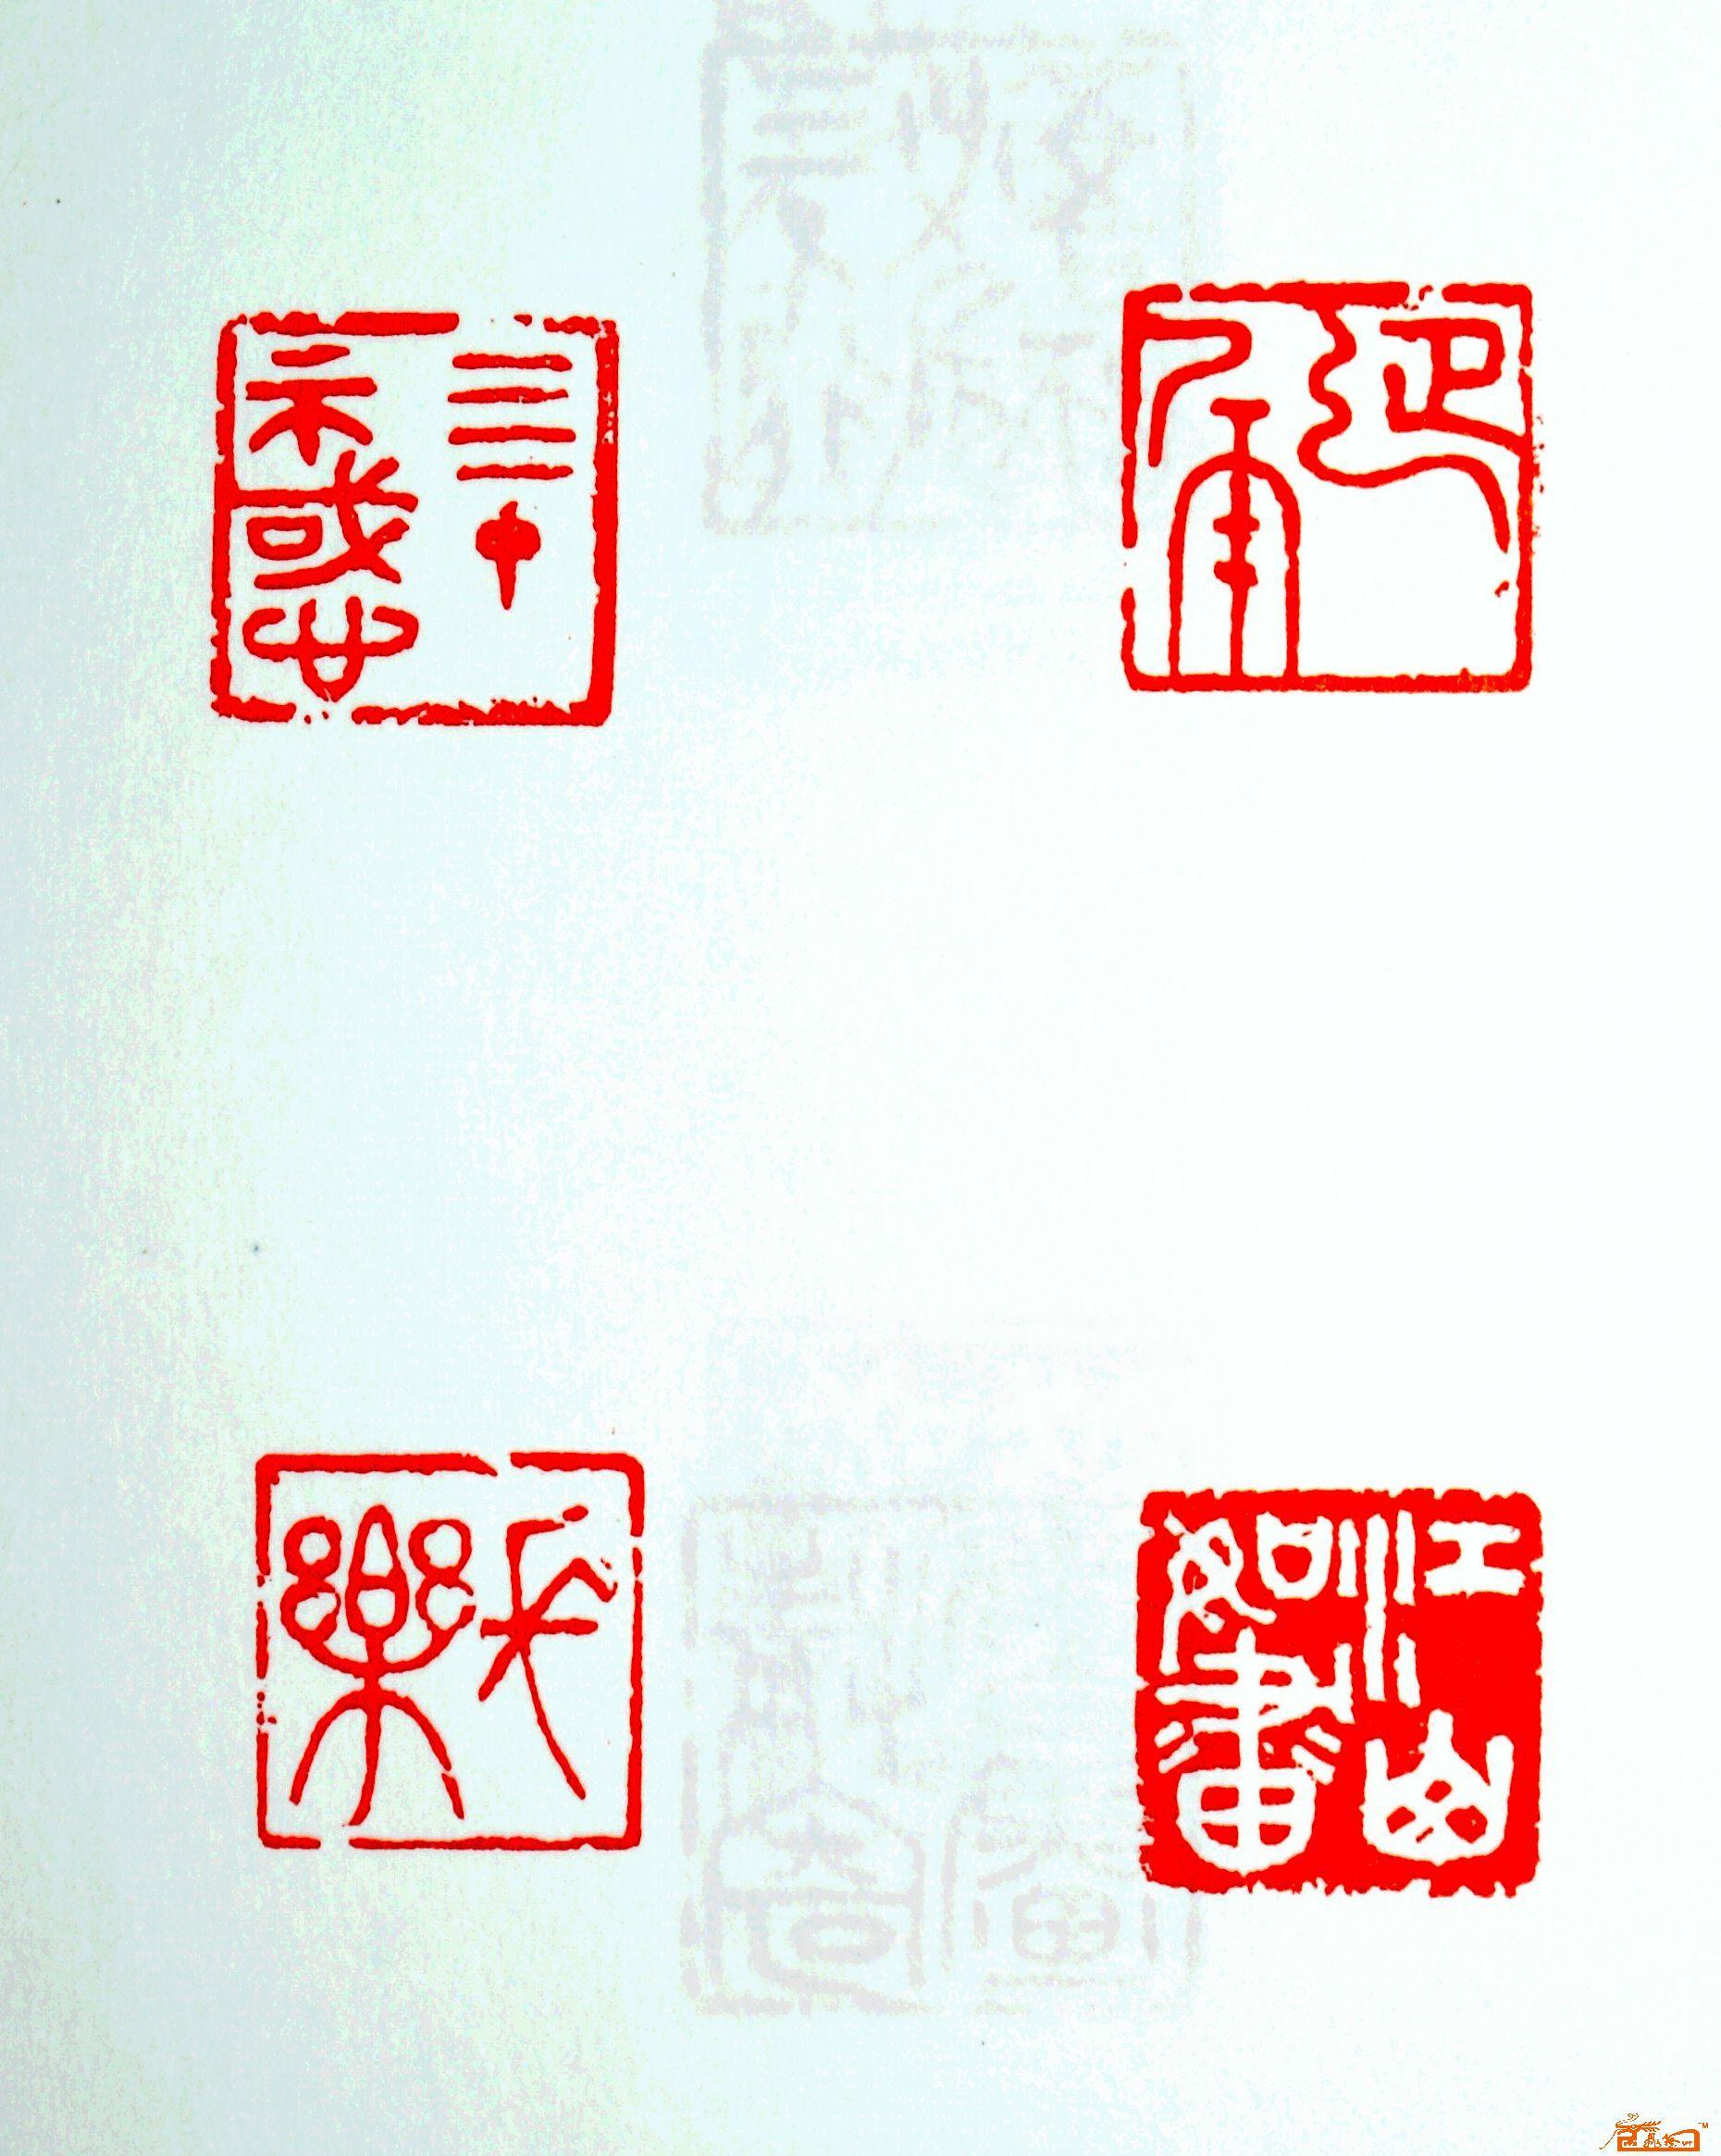 顾忠明-篆刻-淘宝-名人字画-中国书画交易中心